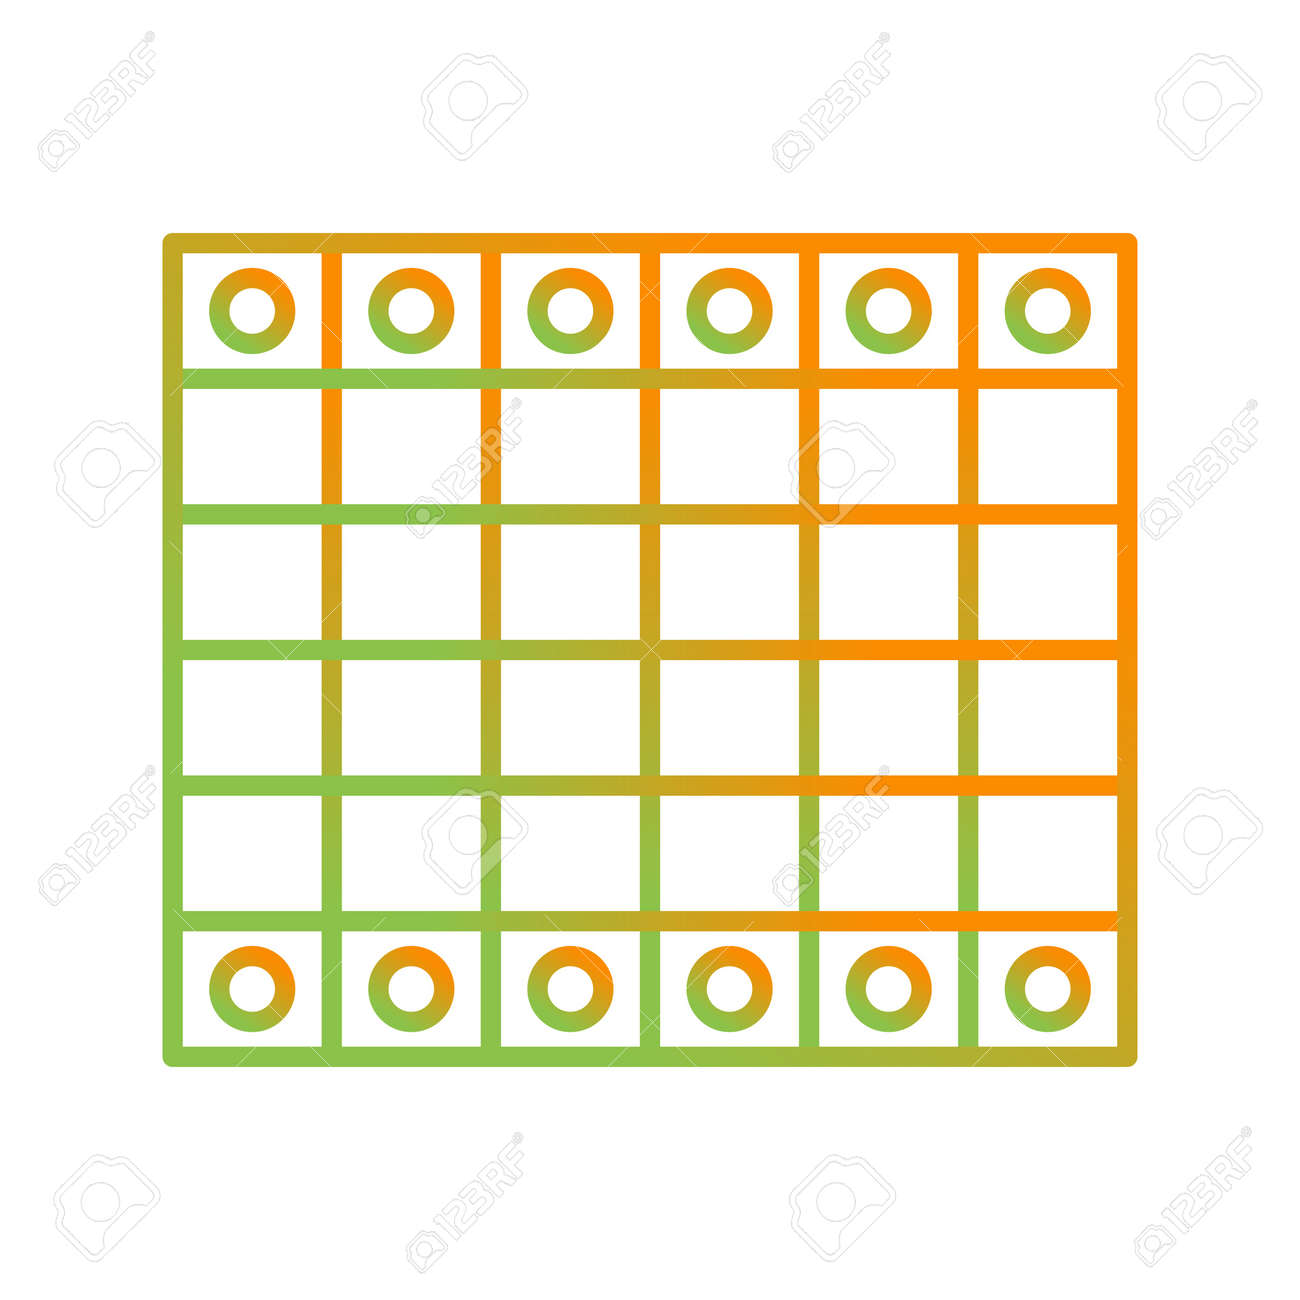 Unique Chessboard Line Vector Icon - 167962603